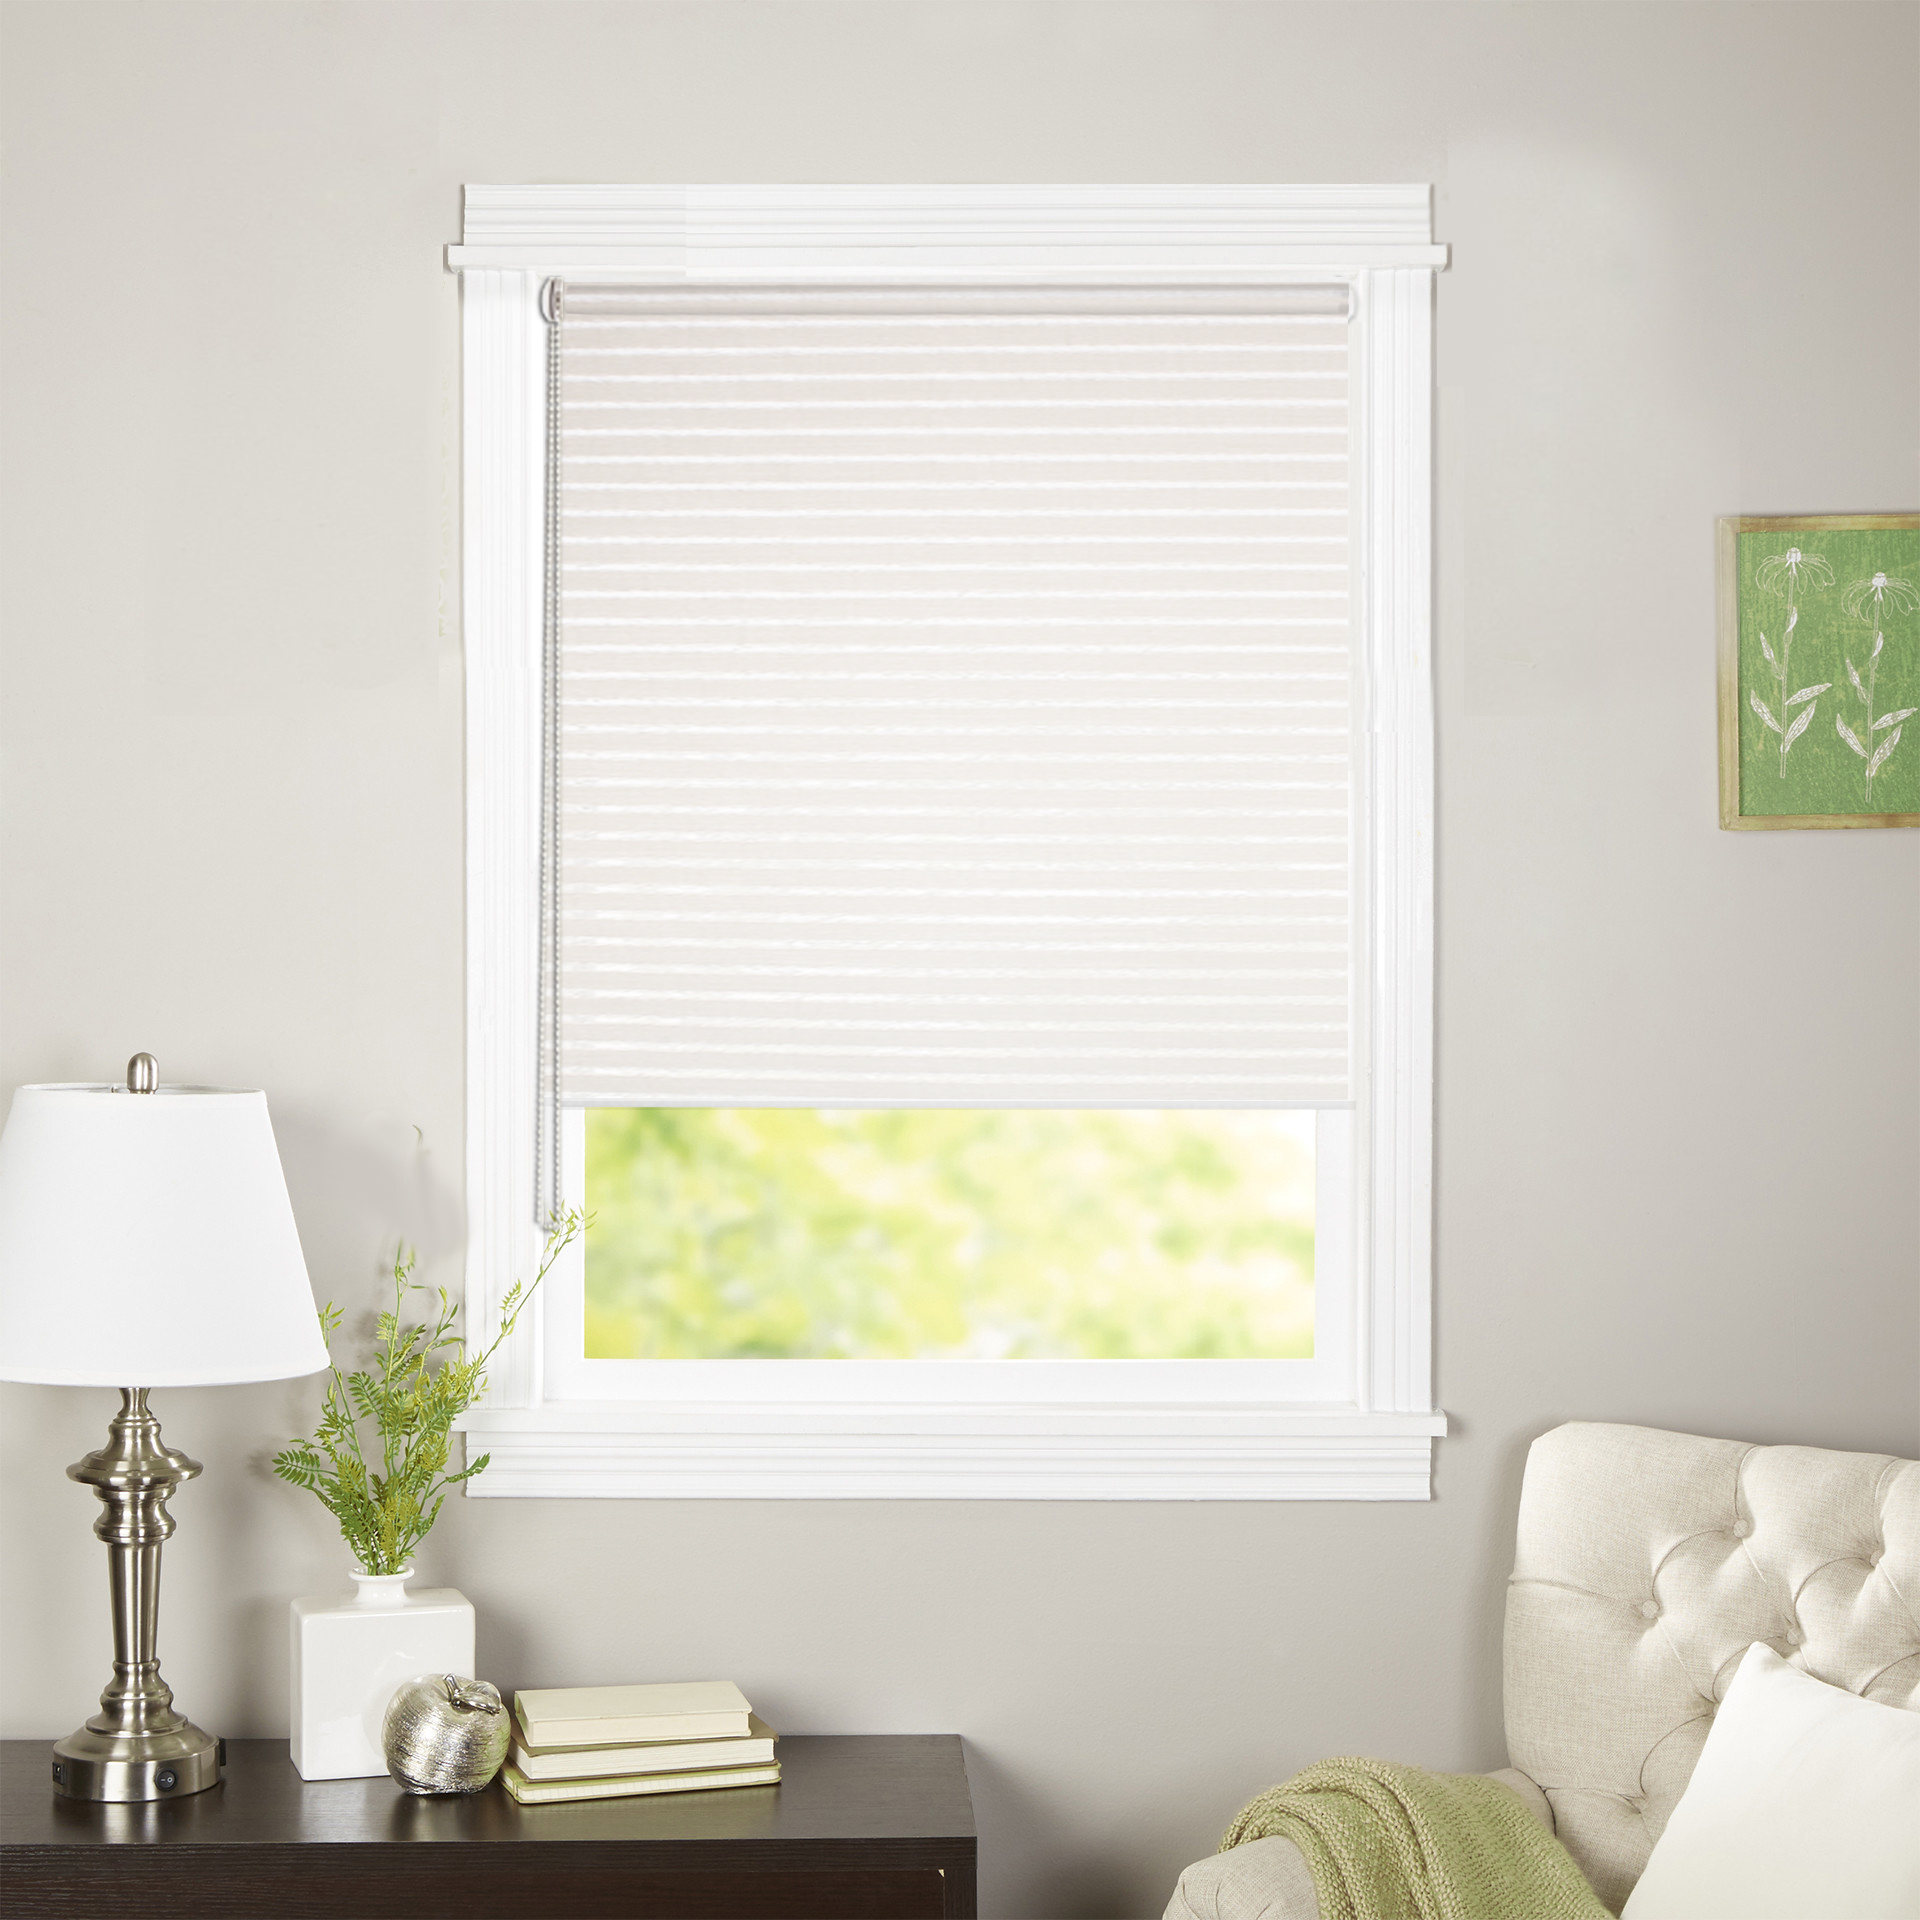 Рулонными шторами можно оформлять окна как самостоятельно, так и использовать в комбинации с портьерами. Это поможет предотвратить выгорание дорогой ткани на солнце и соединит функционал рулонных с красотой навесных. Преимущества применения рулонных штор для пластиковых окон: - имеют прекрасный внешний вид: многообразие и фактурность материала изделия отлично смотрятся в любом интерьере;- многофункциональны: есть возможность подобрать шторы способные эффективно защитить комнату от солнца, при этом она не будет слишком темной. - Есть возможность осуществить быстрый монтаж.ВНИМАНИЕ! Размеры ширины изделия указаны по ширине ткани! Во время эксплуатации не рекомендуется полностью разматывать рулон, чтобы не оторвать ткань от намоточного вала. В случае загрязнения поверхности ткани, чистку шторы проводят одним из способов, в зависимости от типа загрязнения:- легкое поверхностное загрязнение можно удалить при помощи канцелярского ластика;- чистка от пыли производится сухим методом при помощи пылесоса с мягкой щеткой-насадкой;- для удаления пятна используйте мягкую губку с пенообразующим неагрессивным моющим средством или пятновыводитель на натуральной основе (нельзя применять растворители).